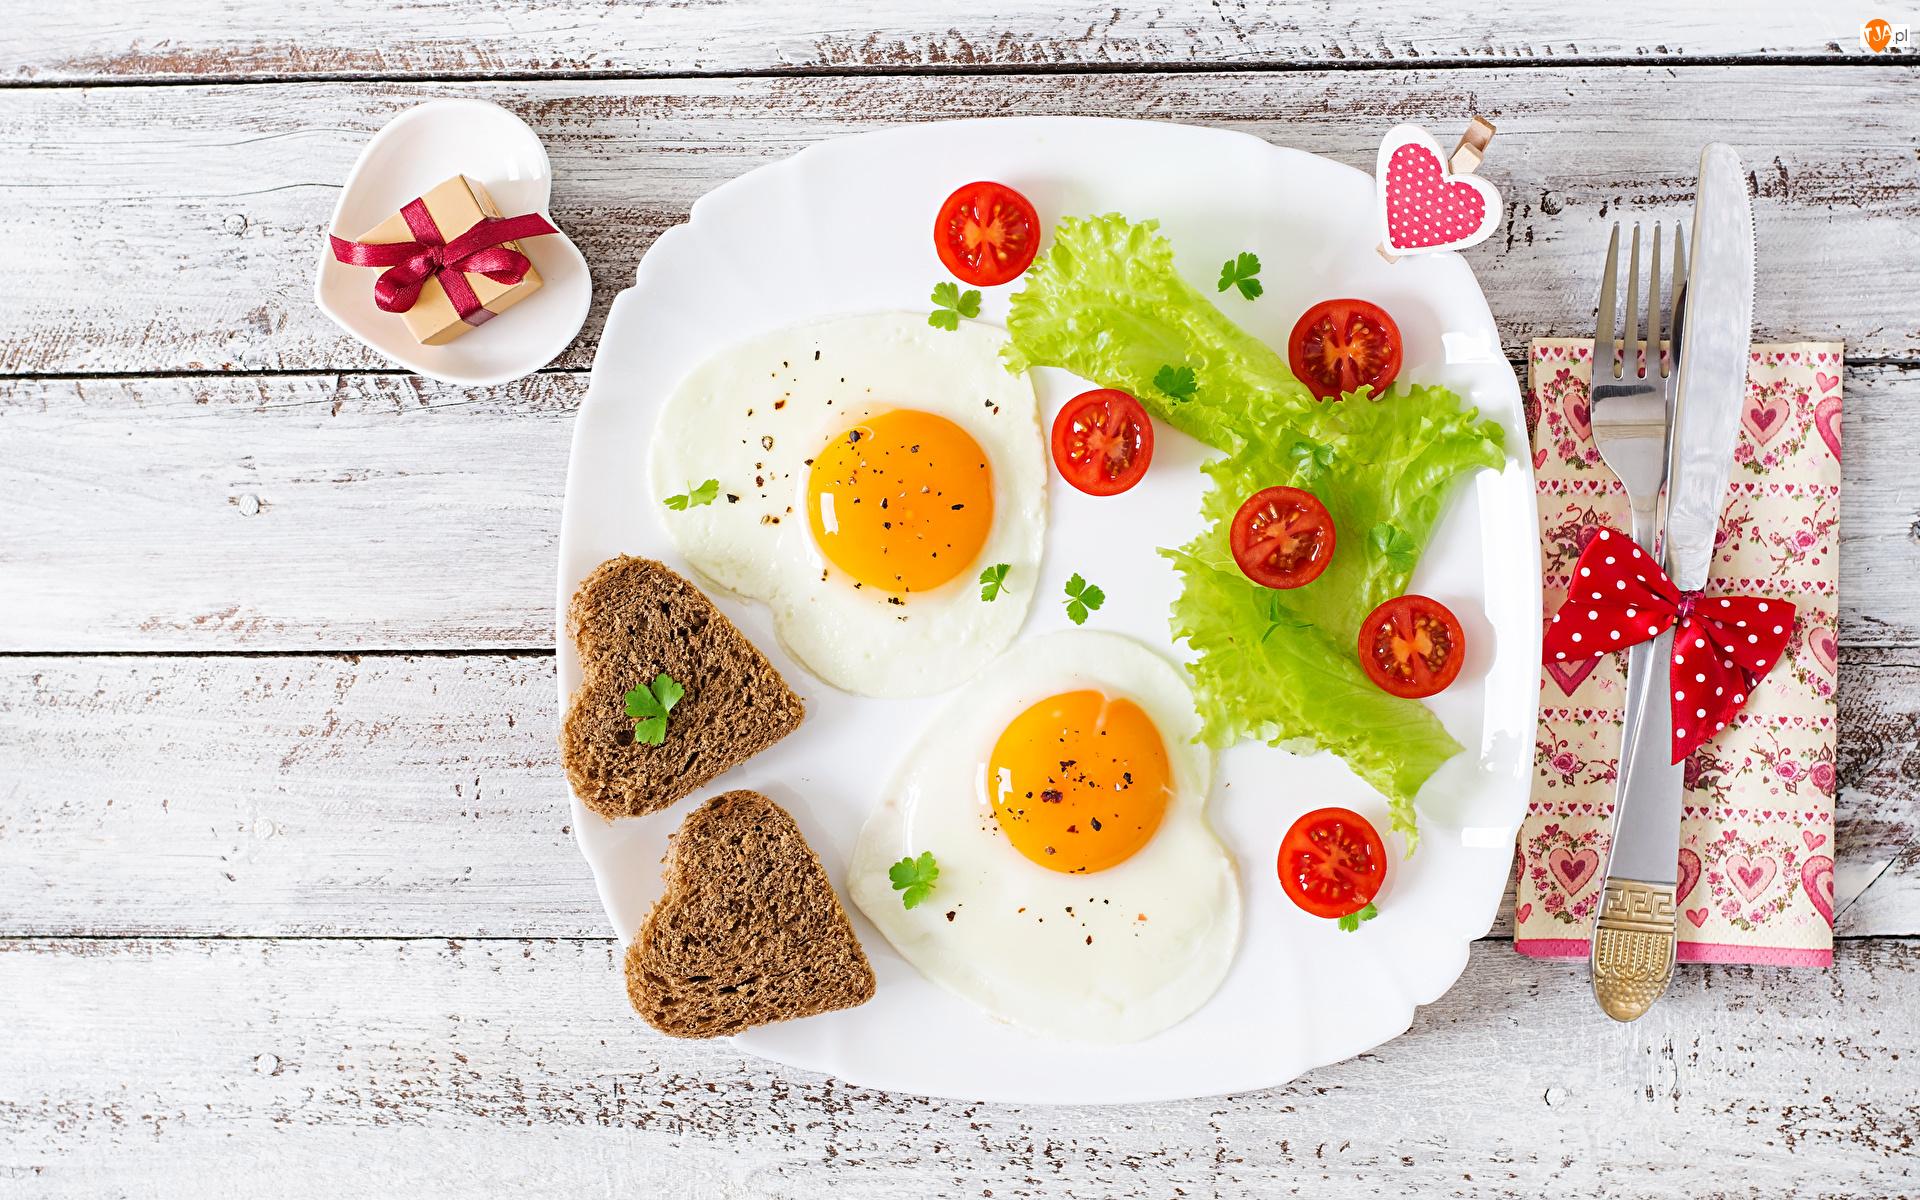 Jajka sadzone, Talerz, Sztućce, Serduszka, Śniadanie, Serwetka, Pomidorki, Walentynki, Pudełeczko, Chleb, Deski